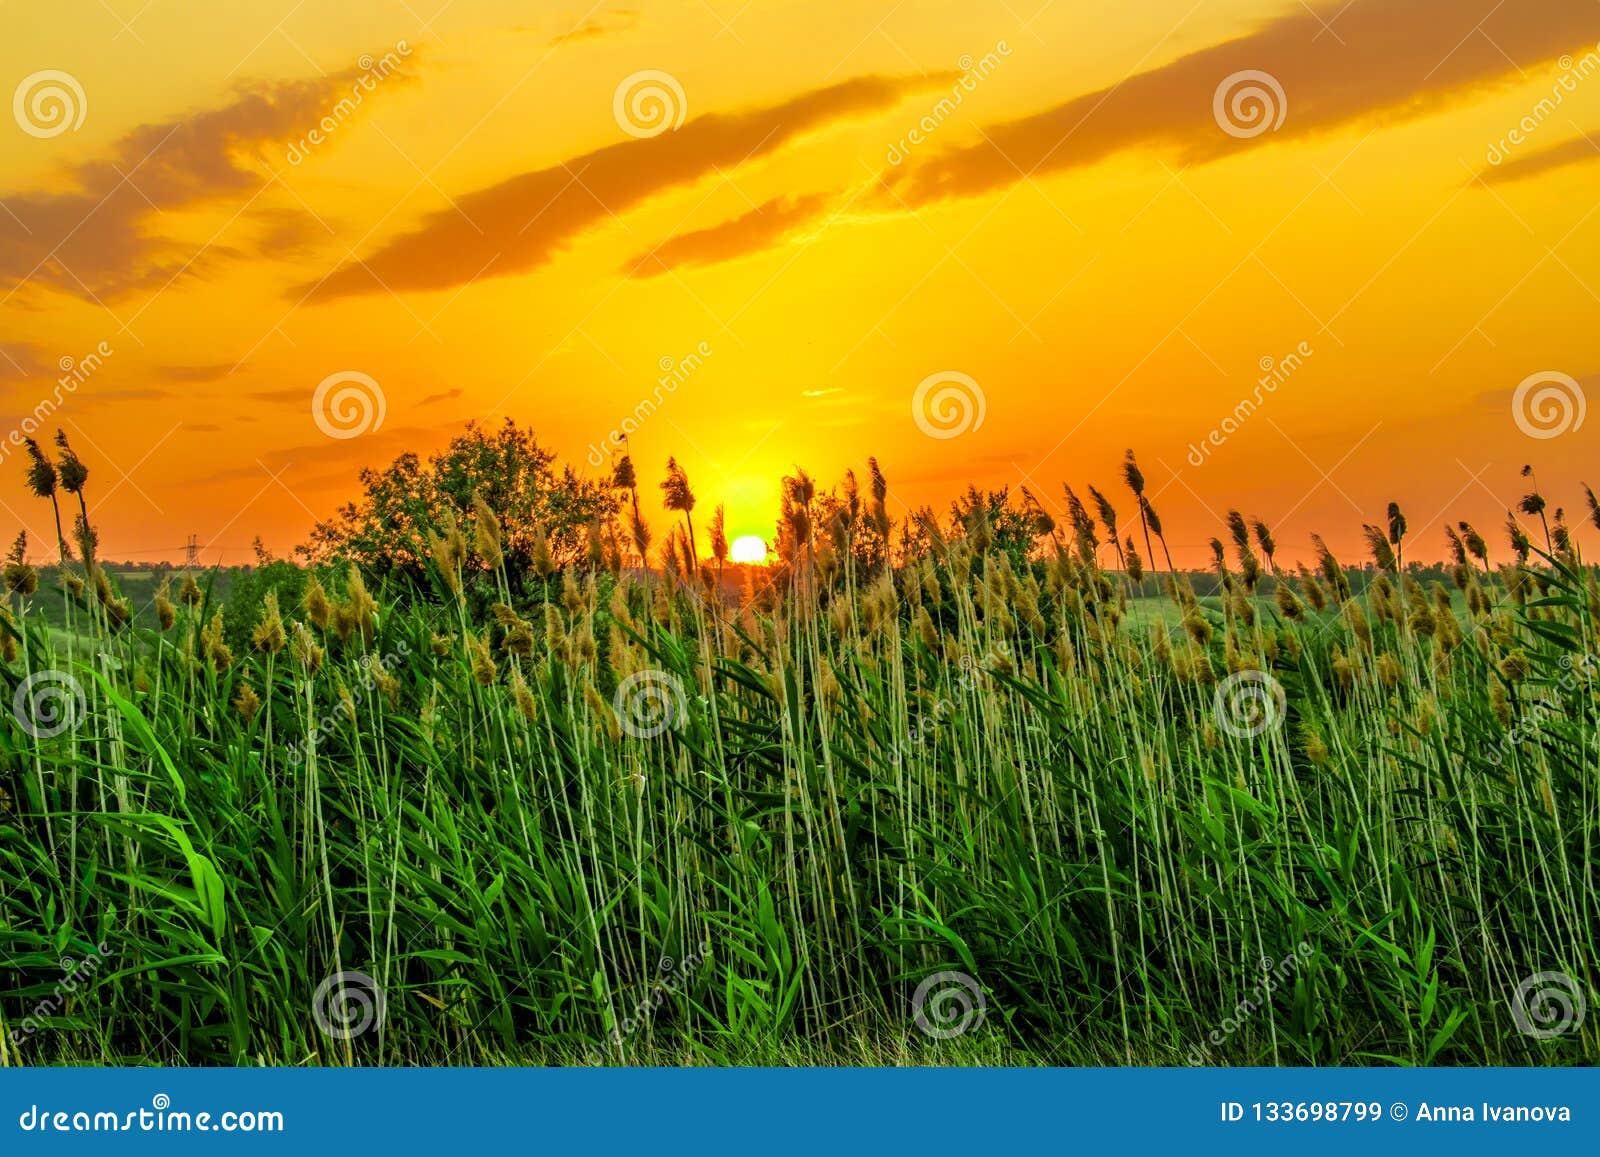 Colores calientes y calientes y sombras de paisajes hermosos de Rusia en la región de Rostov Campos locales de girasoles amarillo